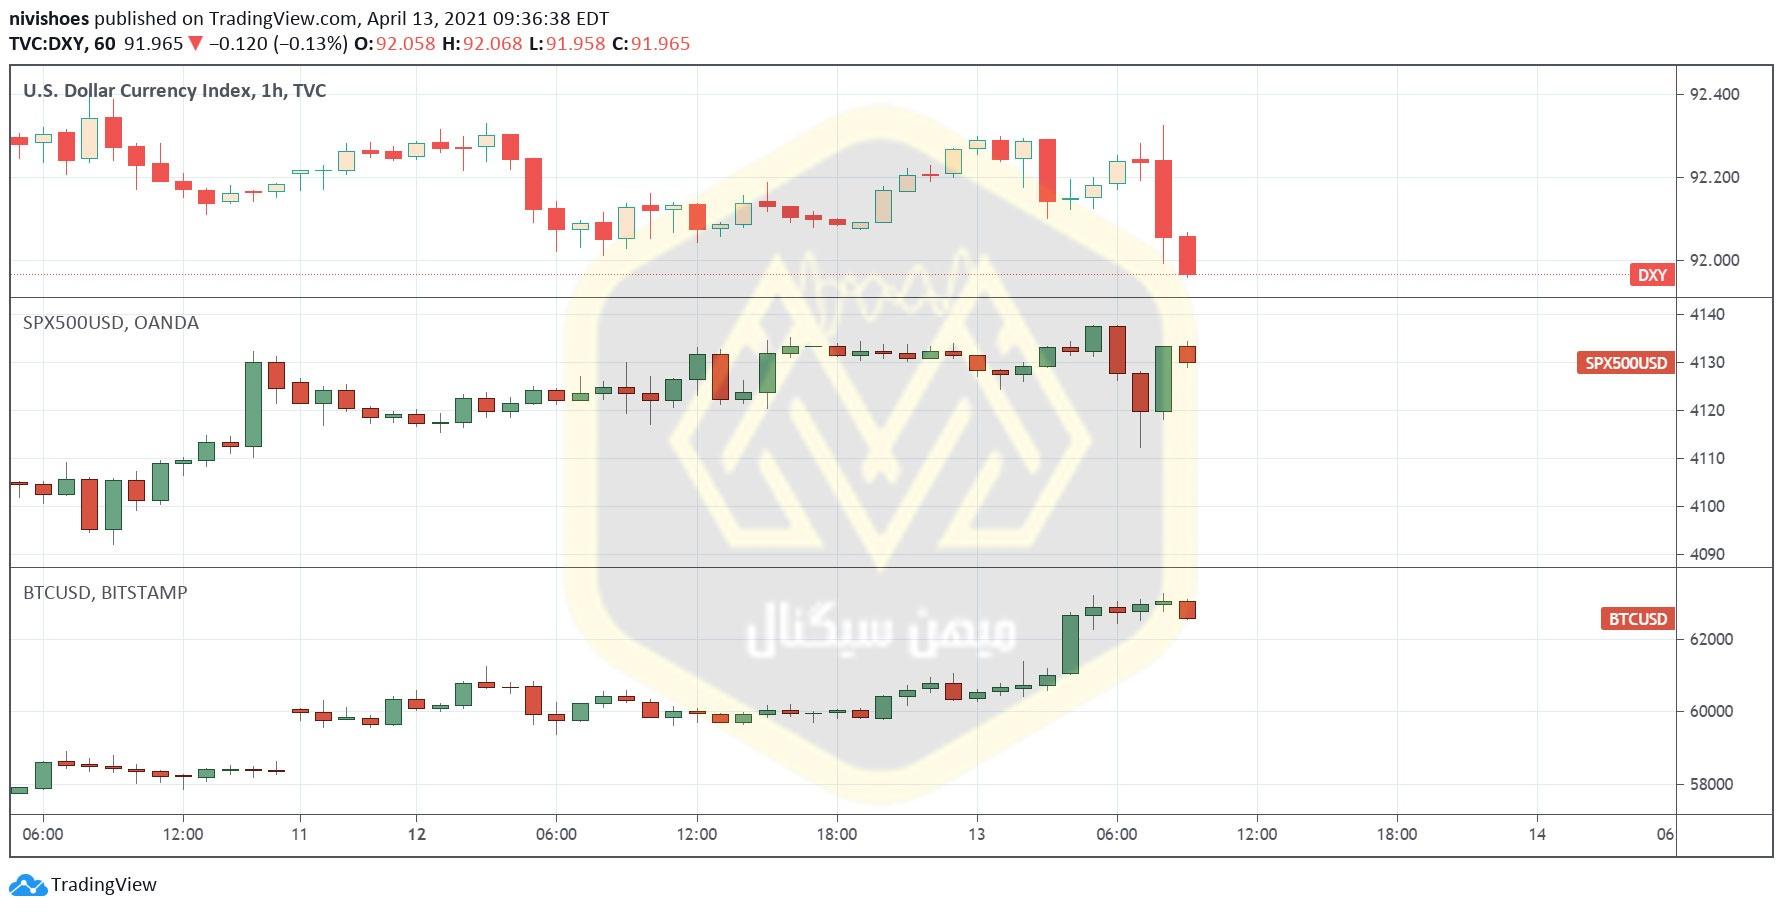 نمودار تغییرات قیمت بیت کوین و سهام نسبت به شاخص دلار